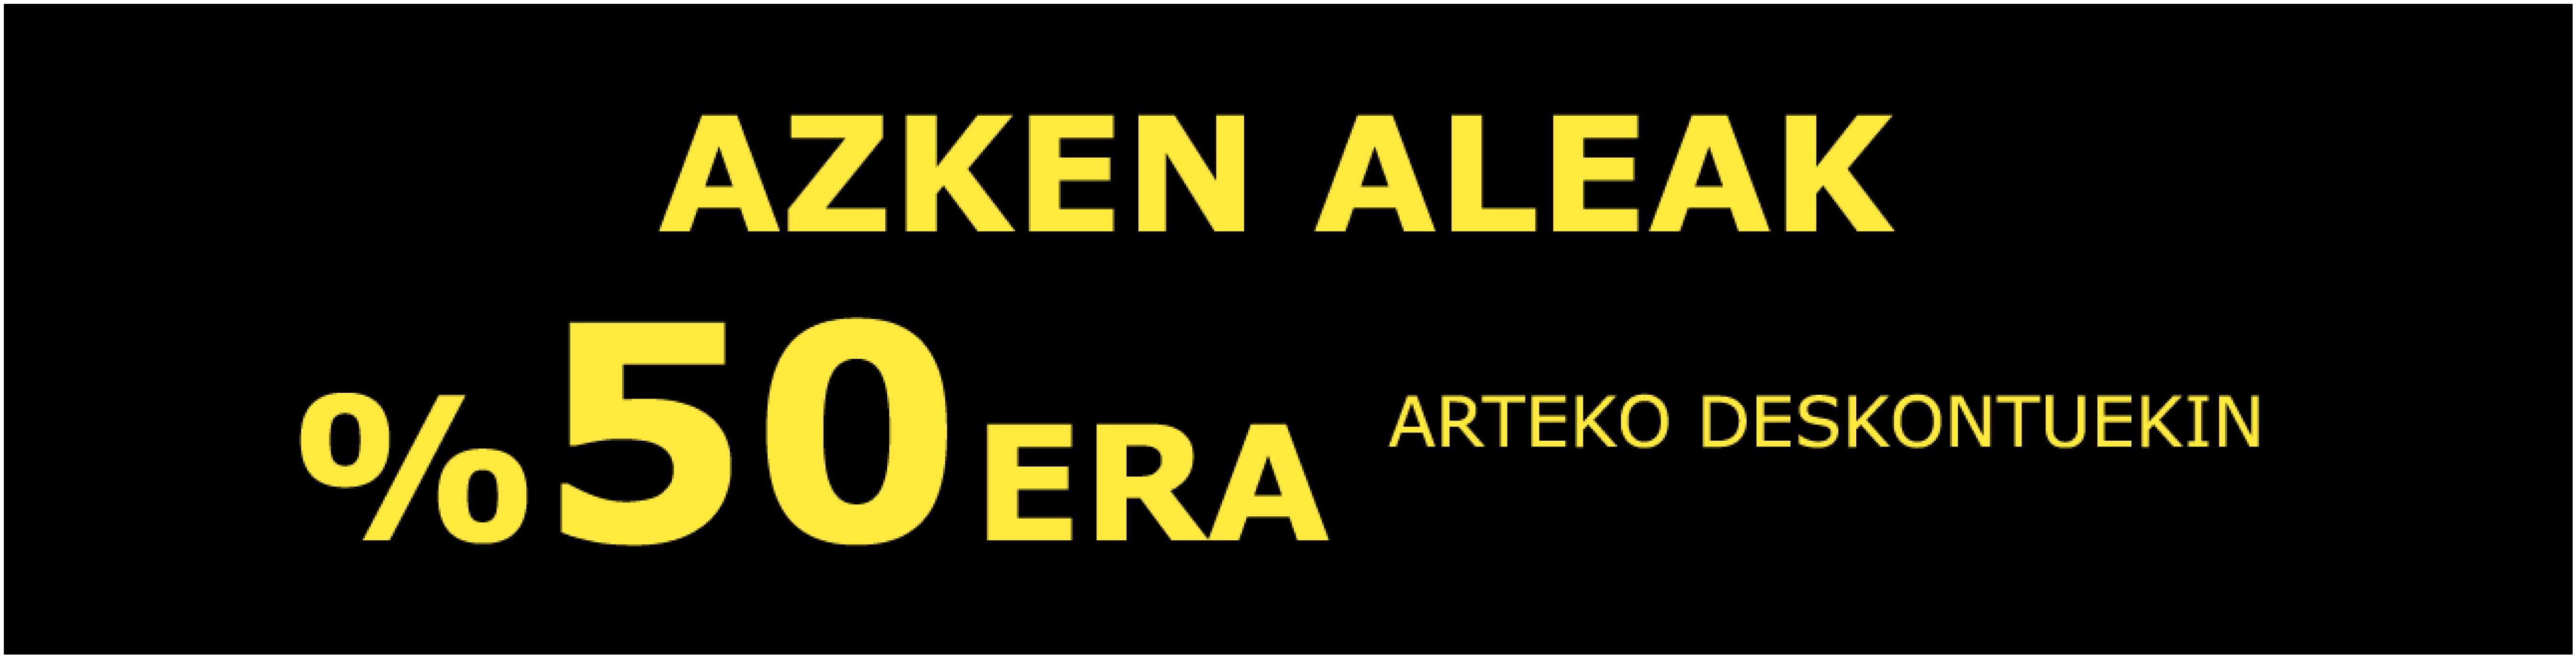 IKEA Azken unitateak